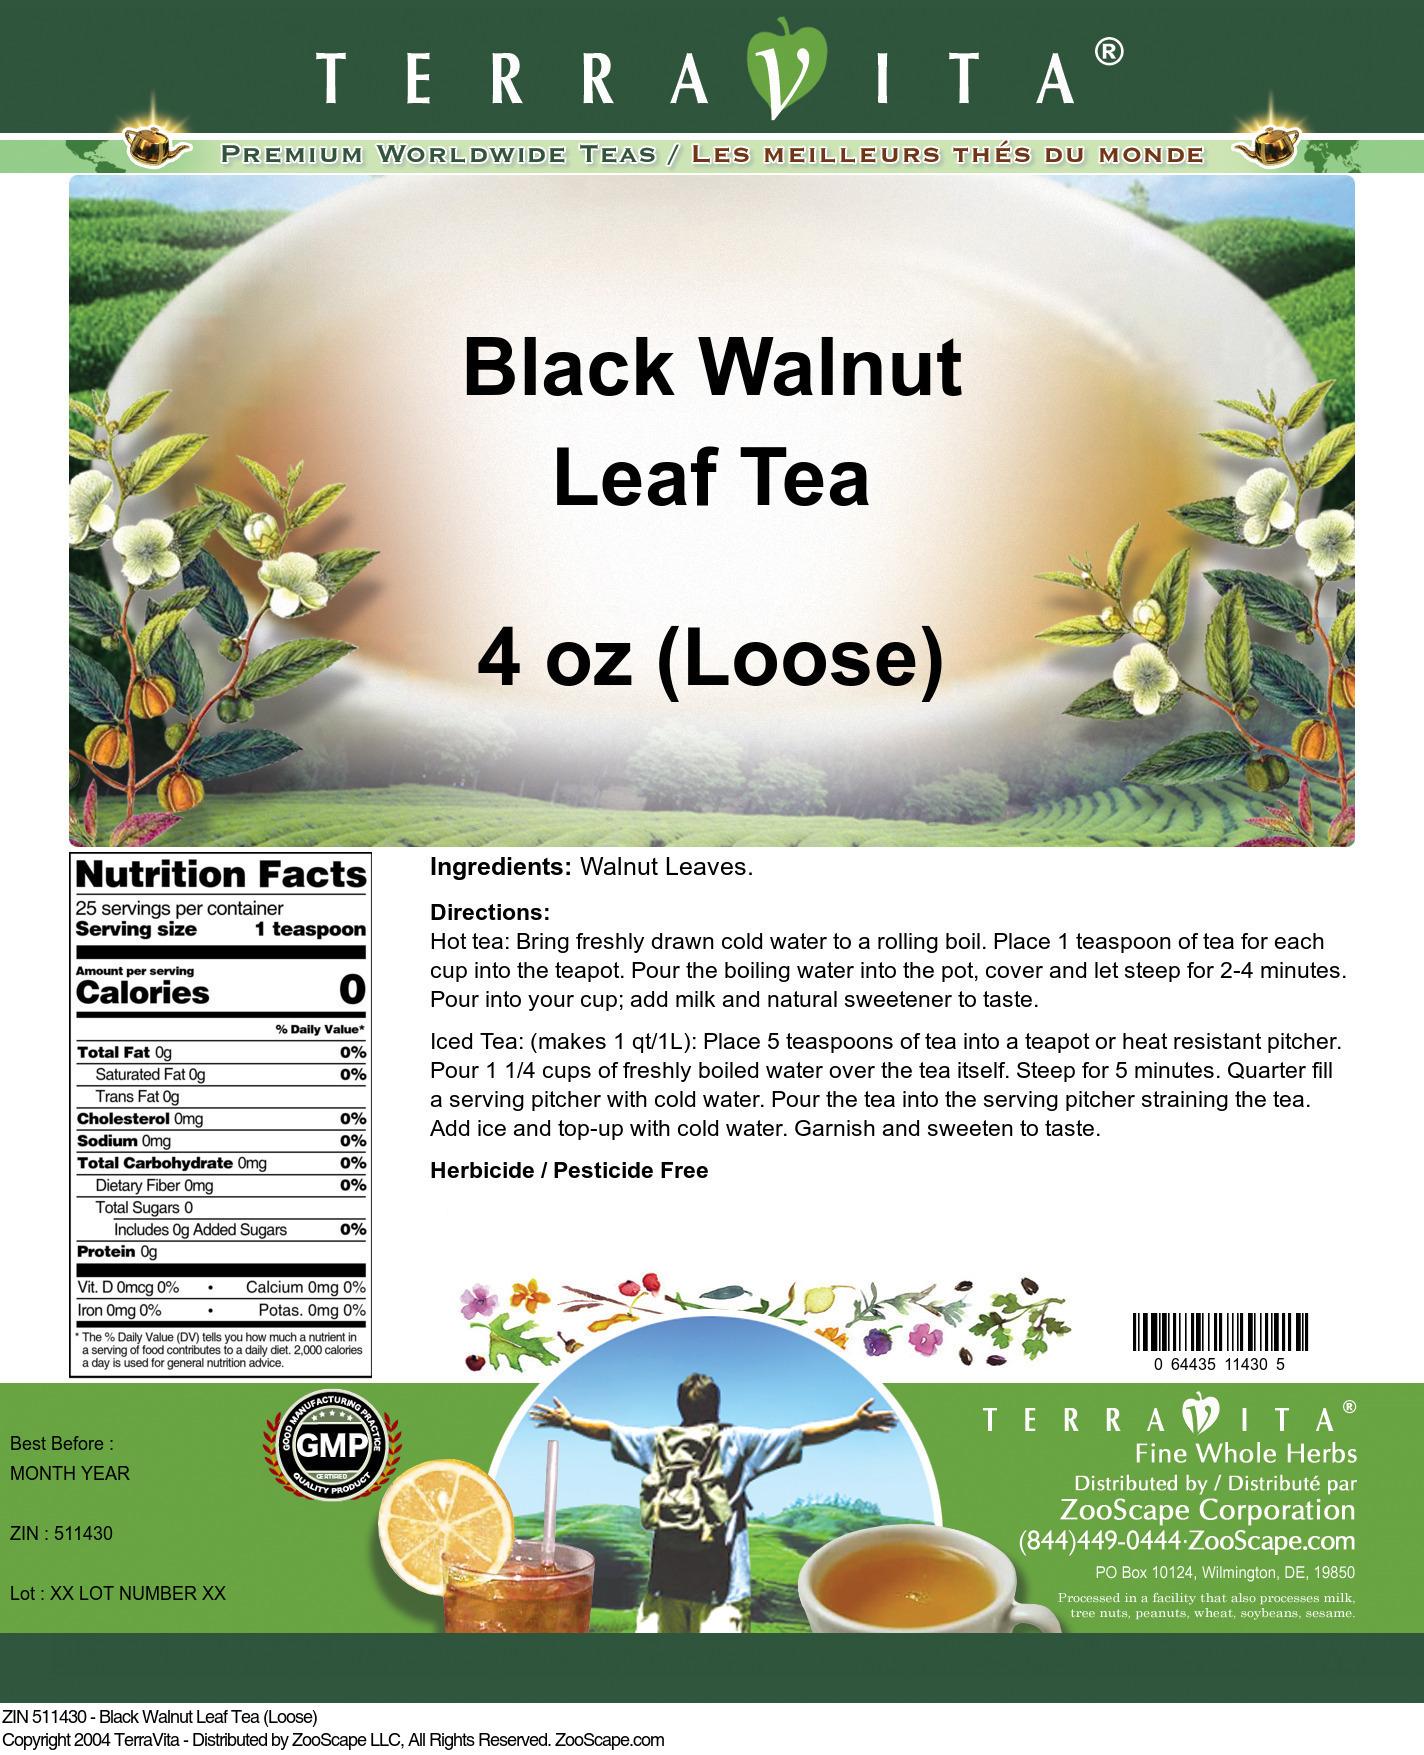 Black Walnut Leaf Tea (Loose)